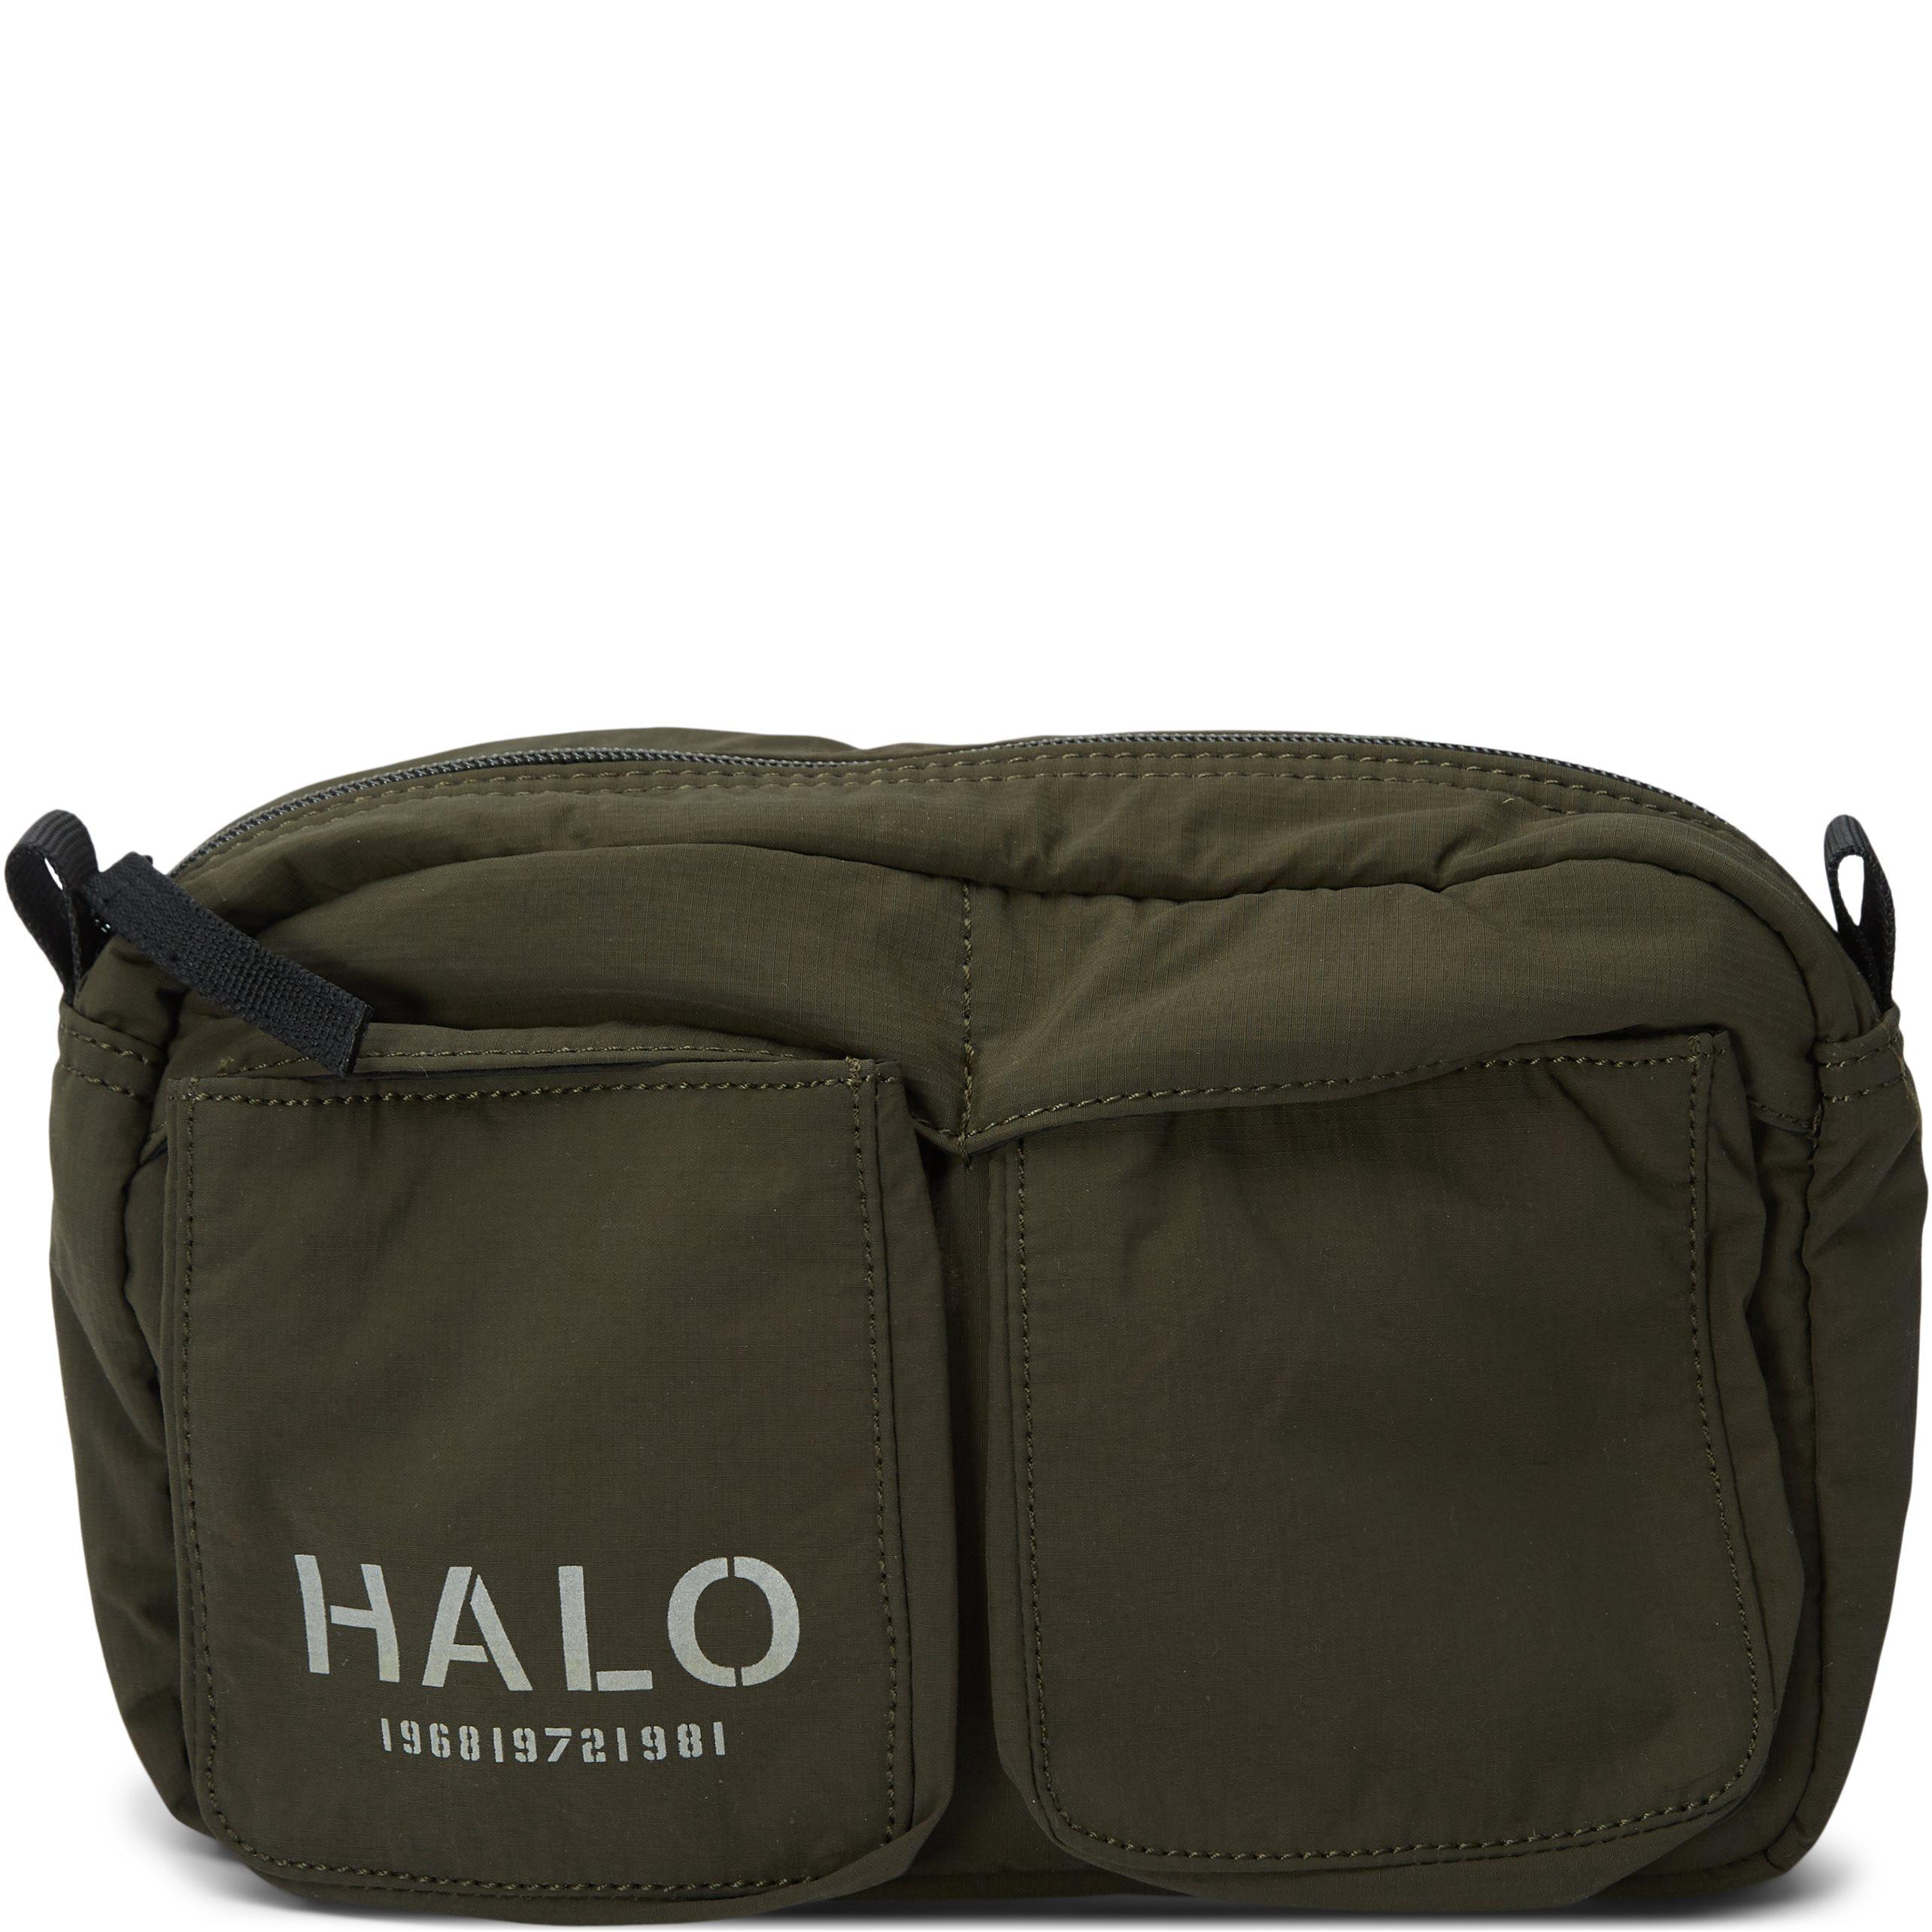 Nylon Waist Bag - Väskor - Armé